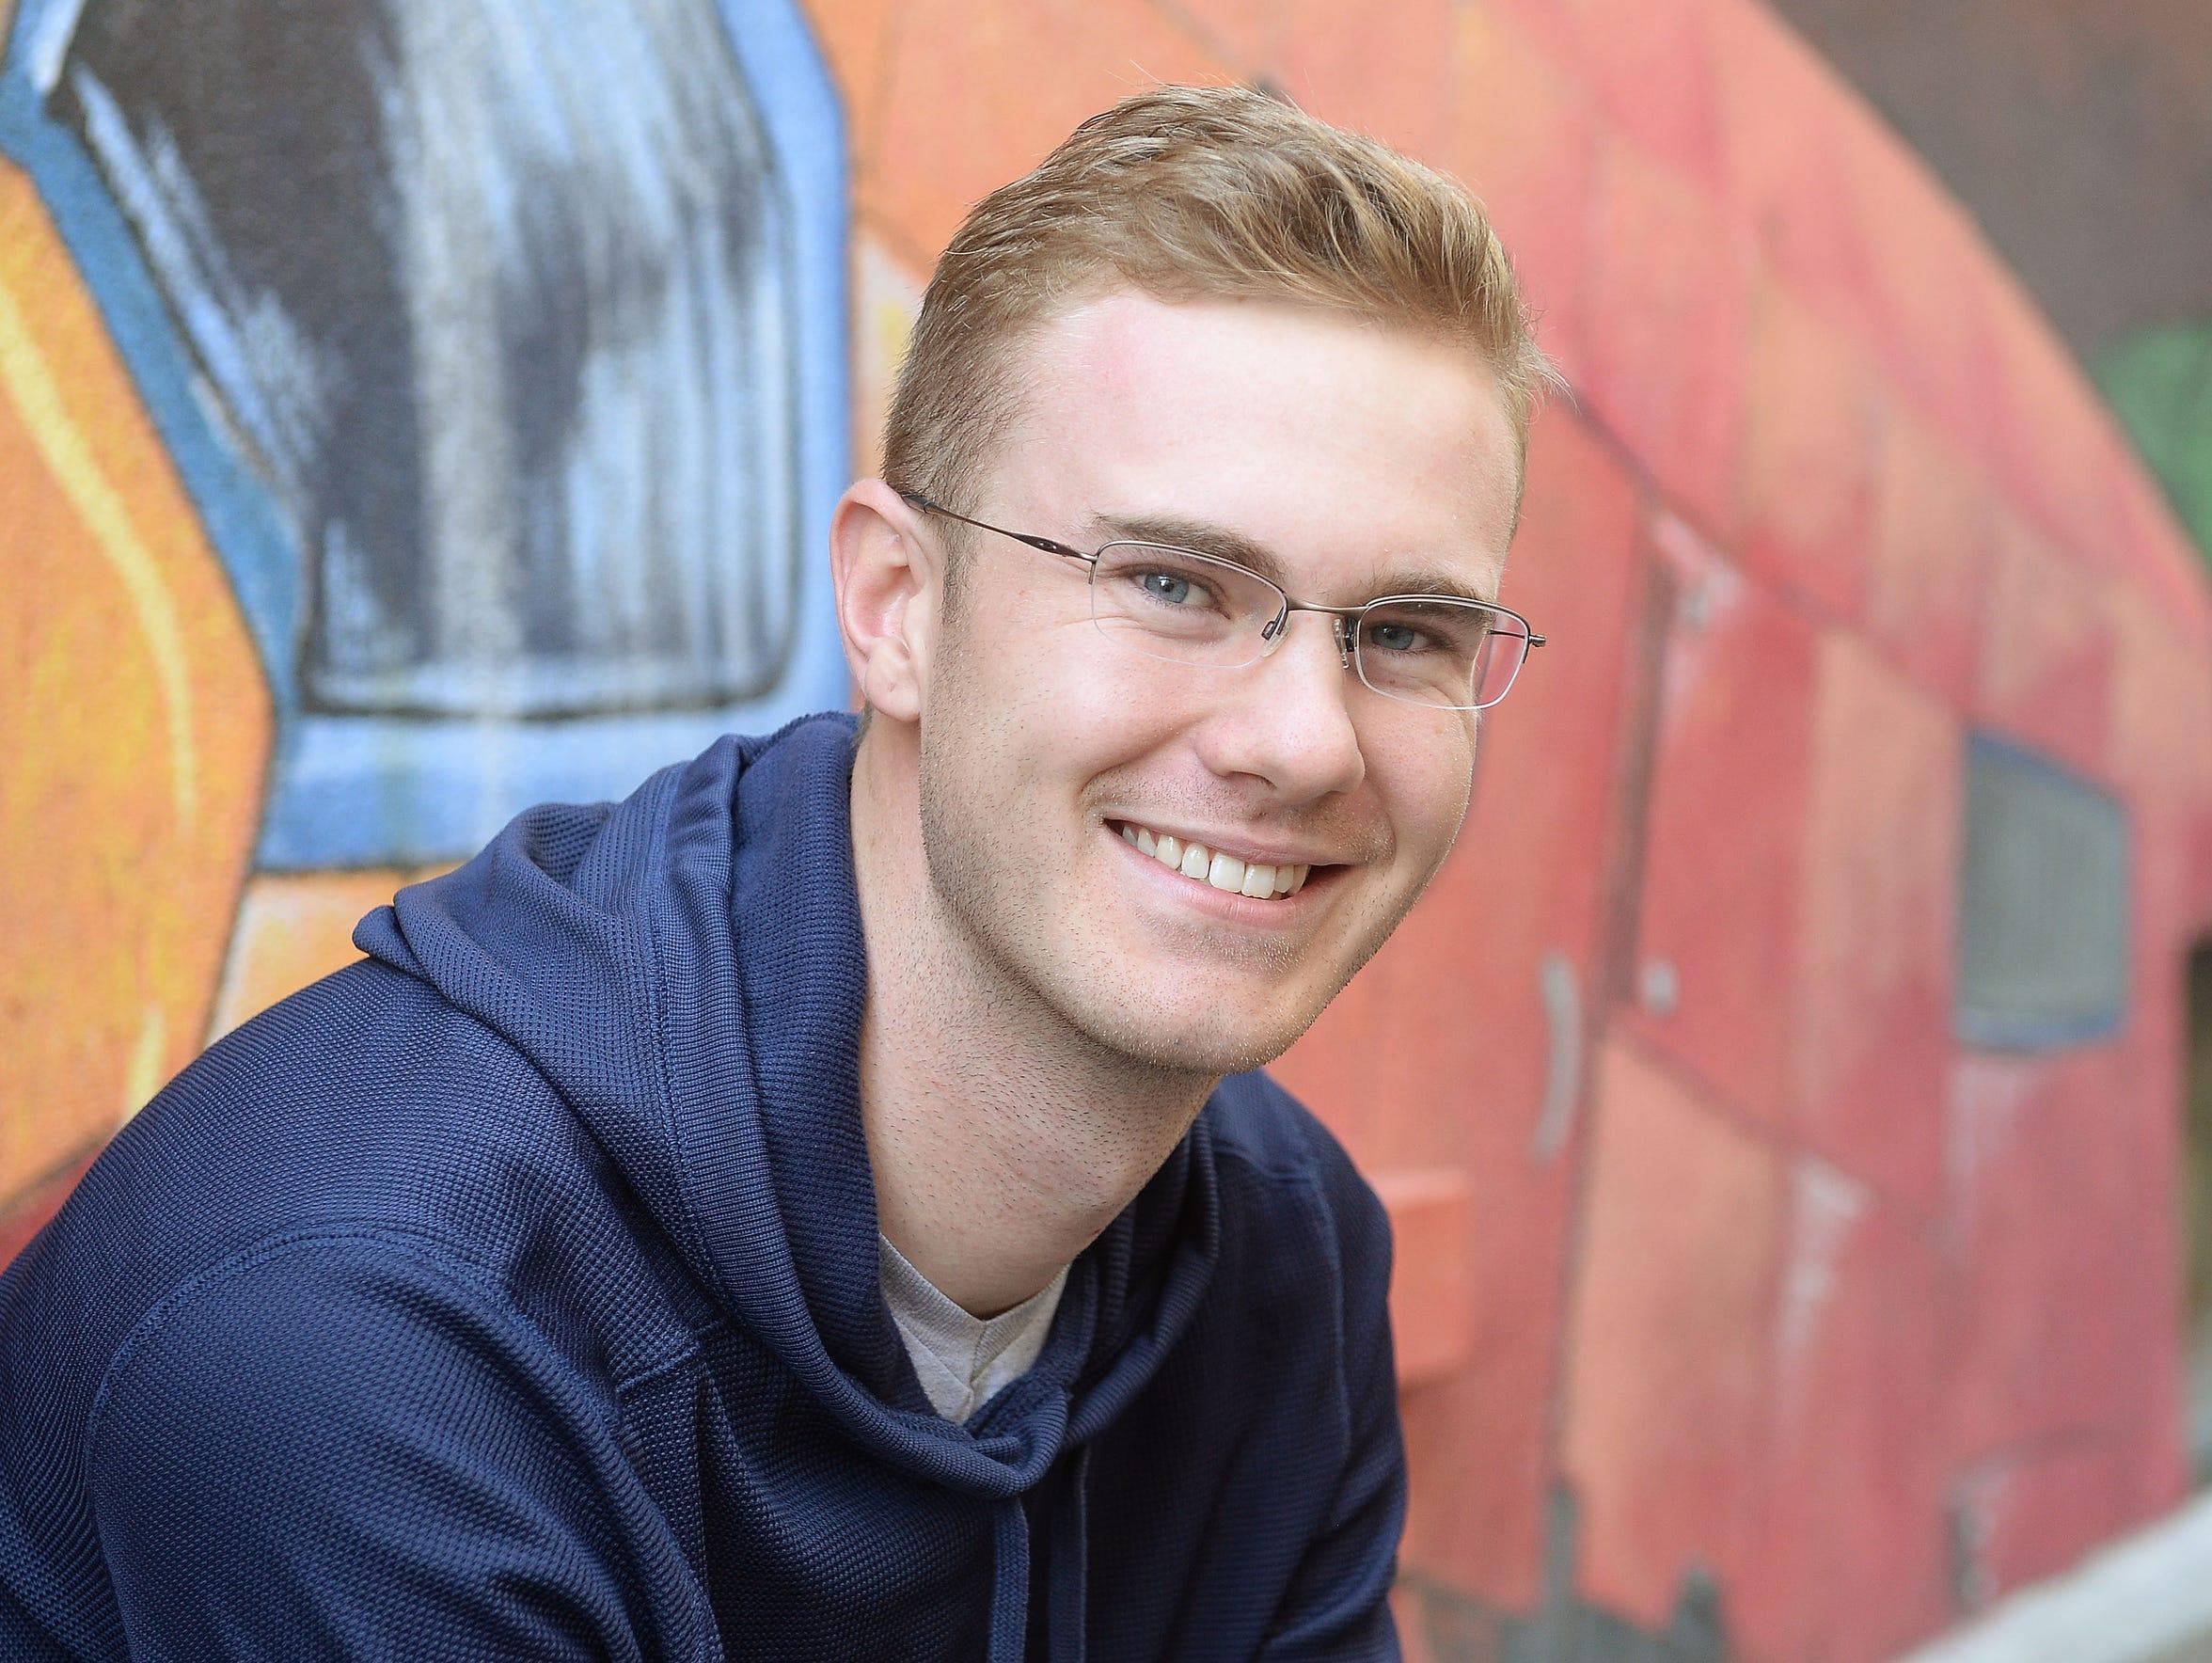 Sean Tait, 22  [Via MerlinFTP Drop]